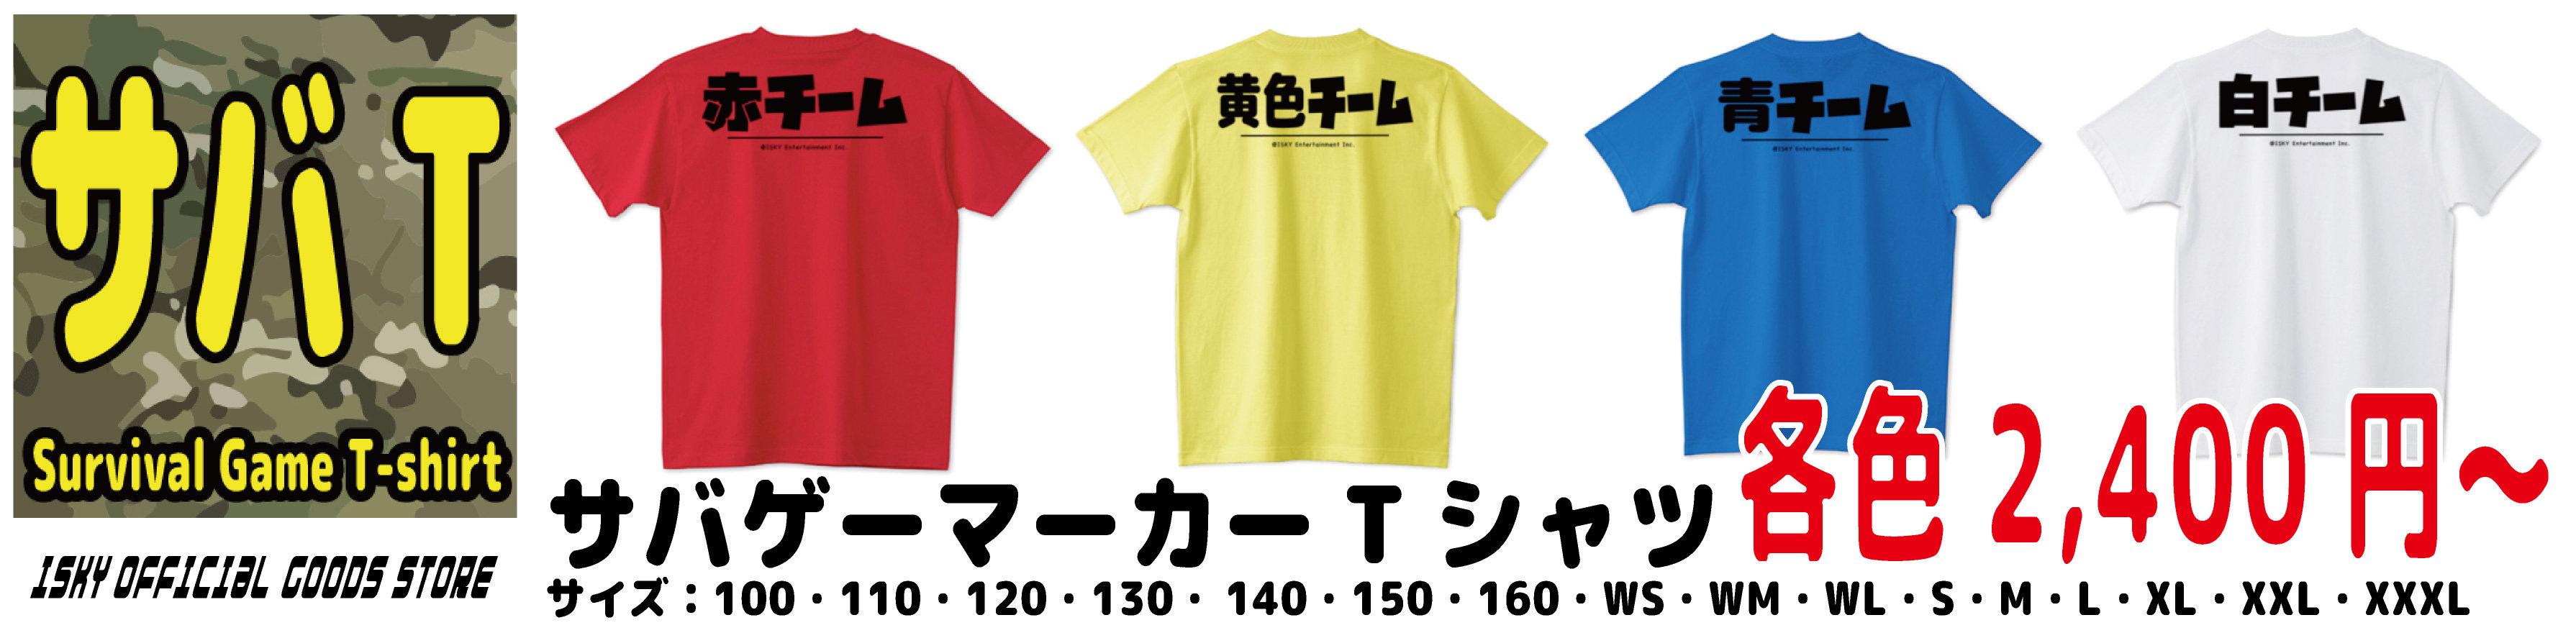 マーカーTシャツ880